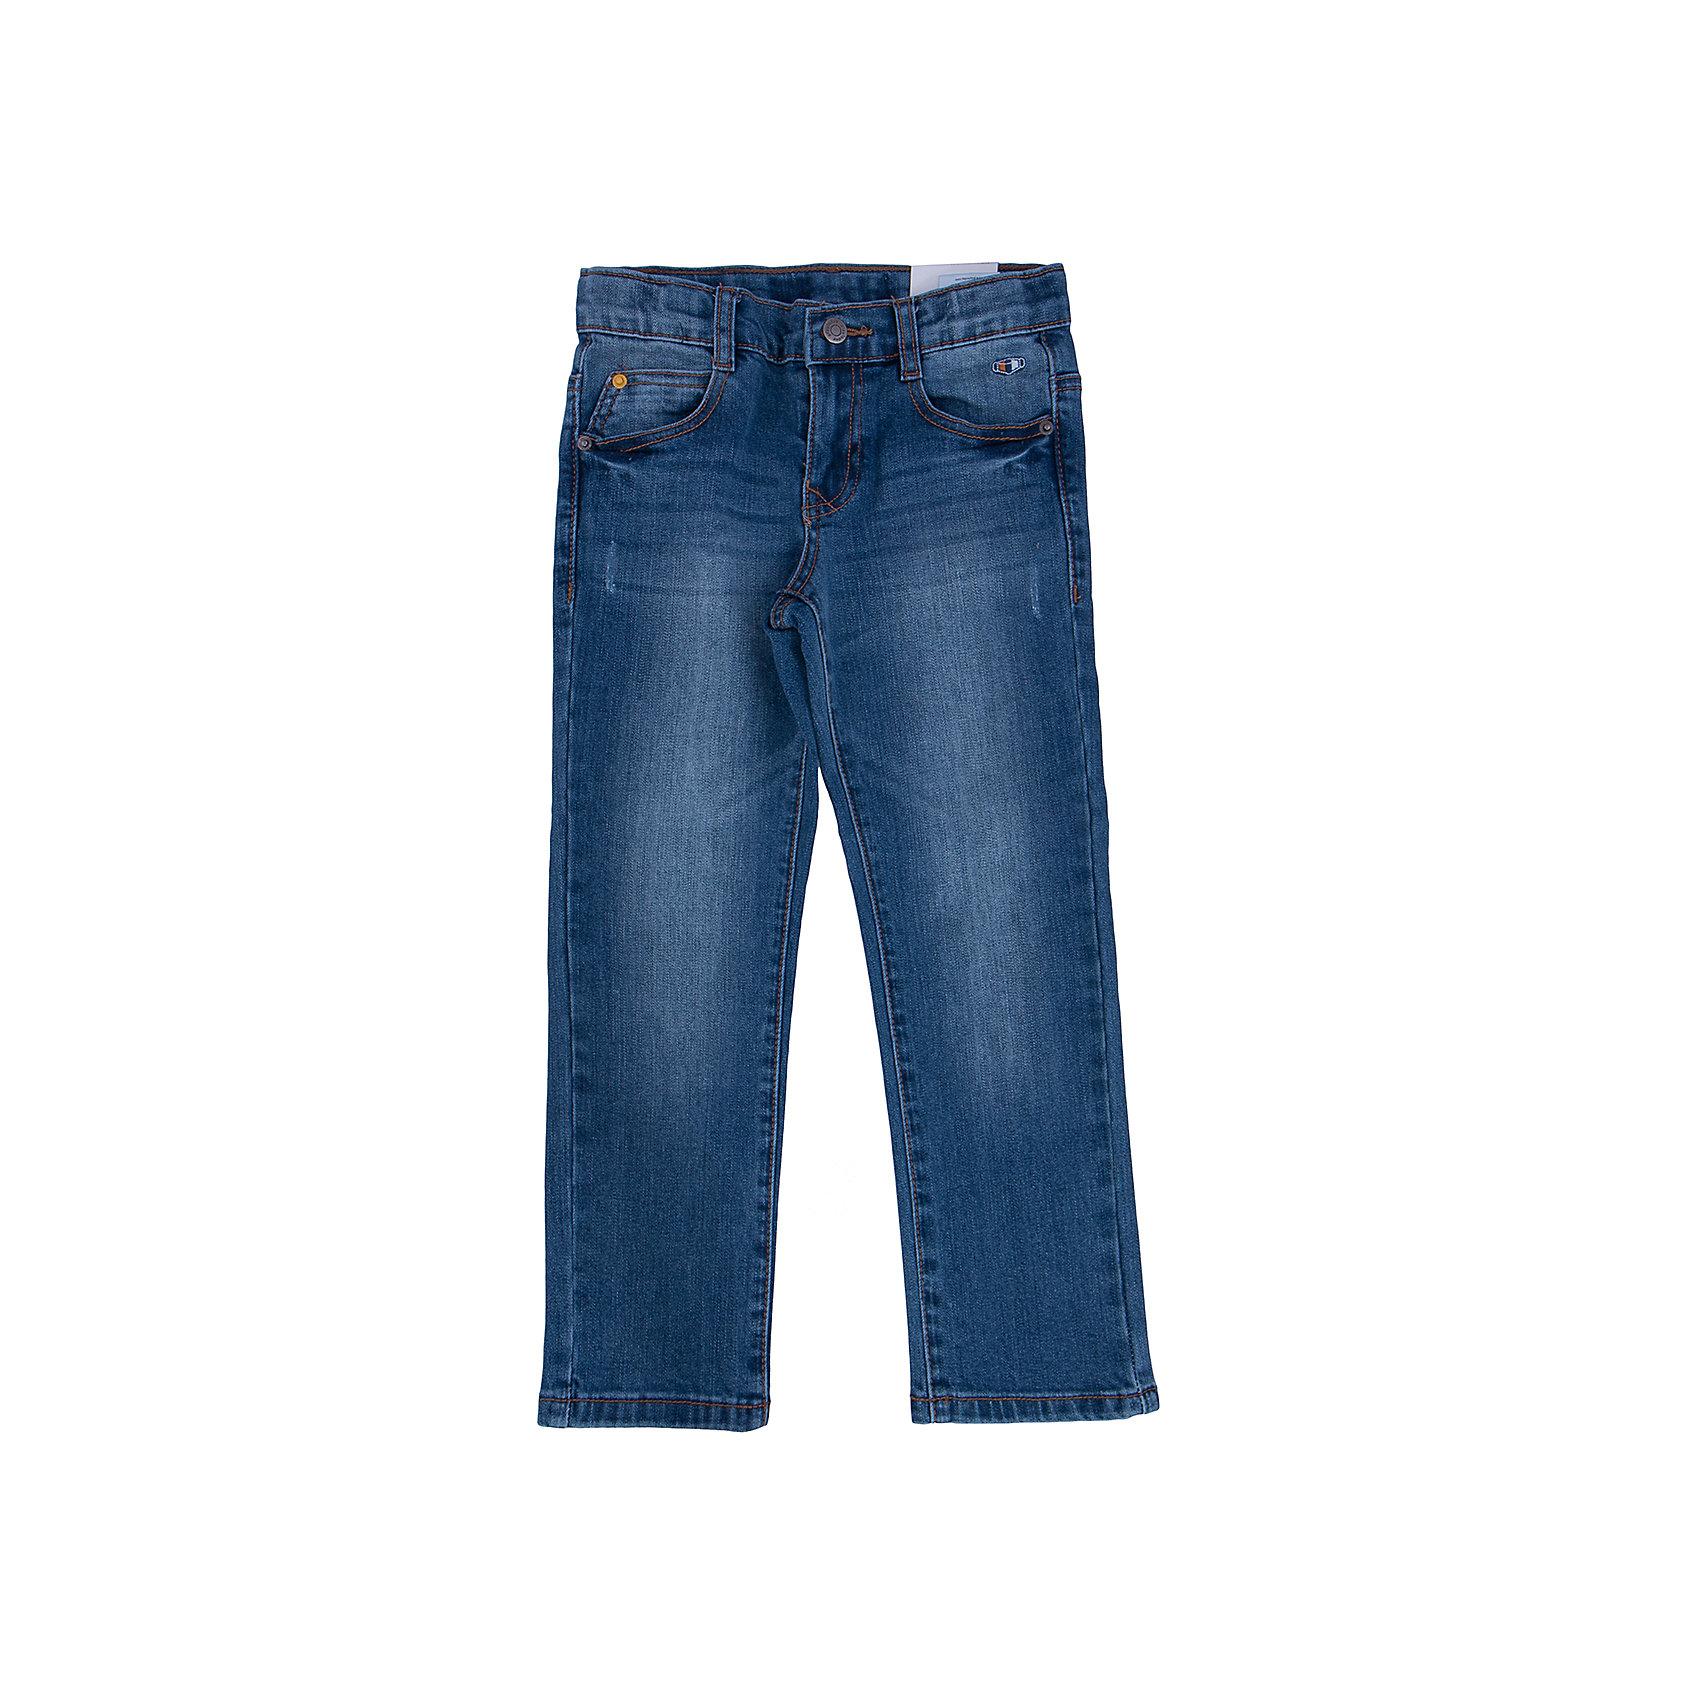 Джинсы для мальчика PlayTodayДжинсы для мальчика от известного бренда PlayToday.<br>Стильные хлопковые джинсы с модными потертостями. Классическая пятикарманка. Застегиваются на молнию и пуговицу, есть шлевки для ремня.<br>Состав:<br>70% хлопок, 20% полиэстер, 8% вискоза, 2% эластан<br><br>Ширина мм: 215<br>Глубина мм: 88<br>Высота мм: 191<br>Вес г: 336<br>Цвет: серый<br>Возраст от месяцев: 60<br>Возраст до месяцев: 72<br>Пол: Мужской<br>Возраст: Детский<br>Размер: 116,104,122,128,110,98<br>SKU: 4896773